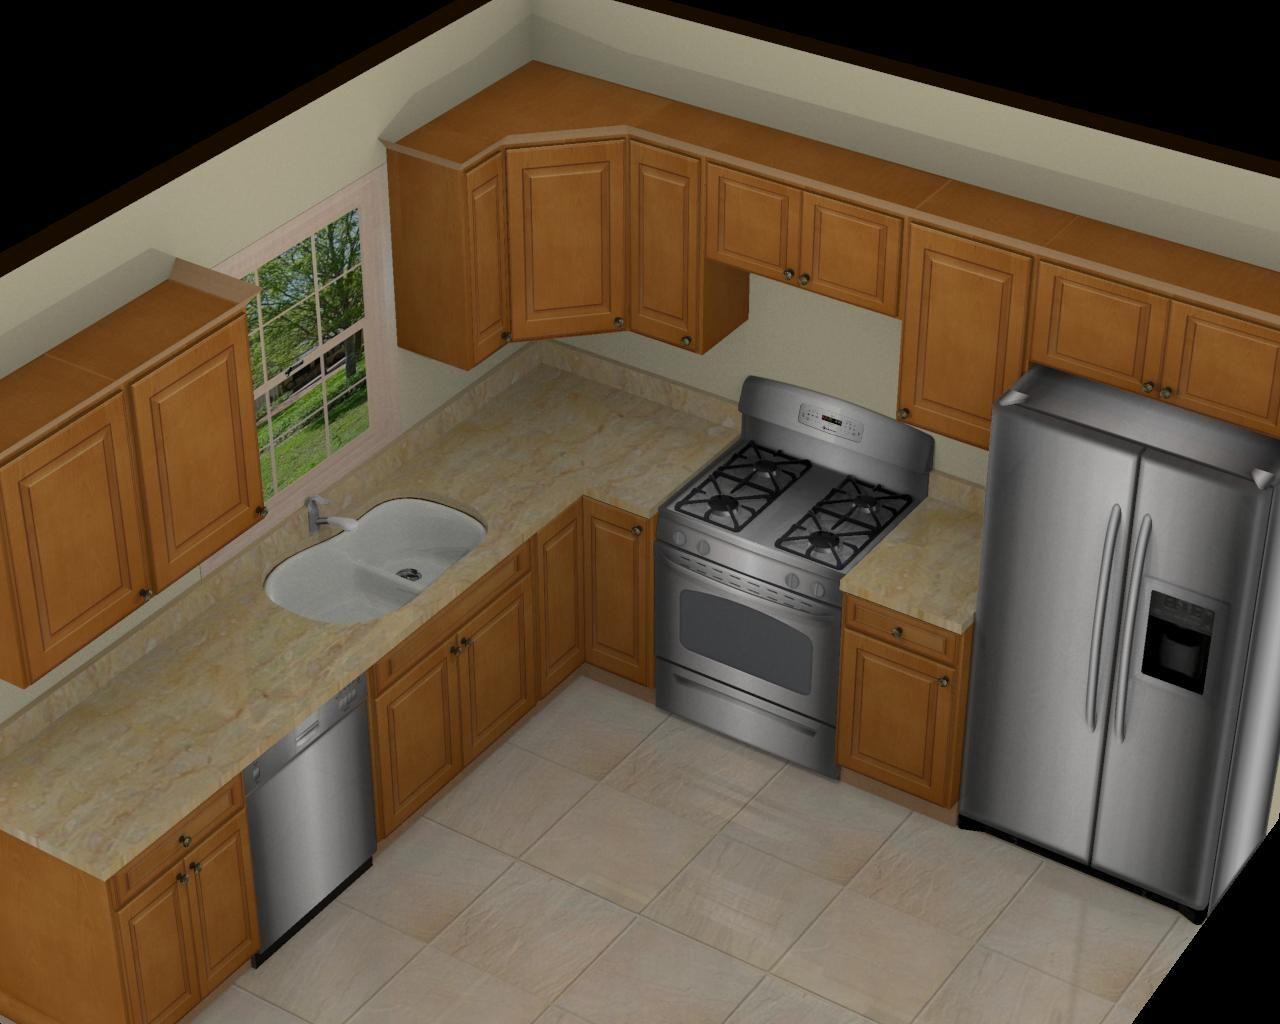 Tsg Honey Maple Kitchen Design Small Kitchen Cabinet Layout Kitchen Designs Layout